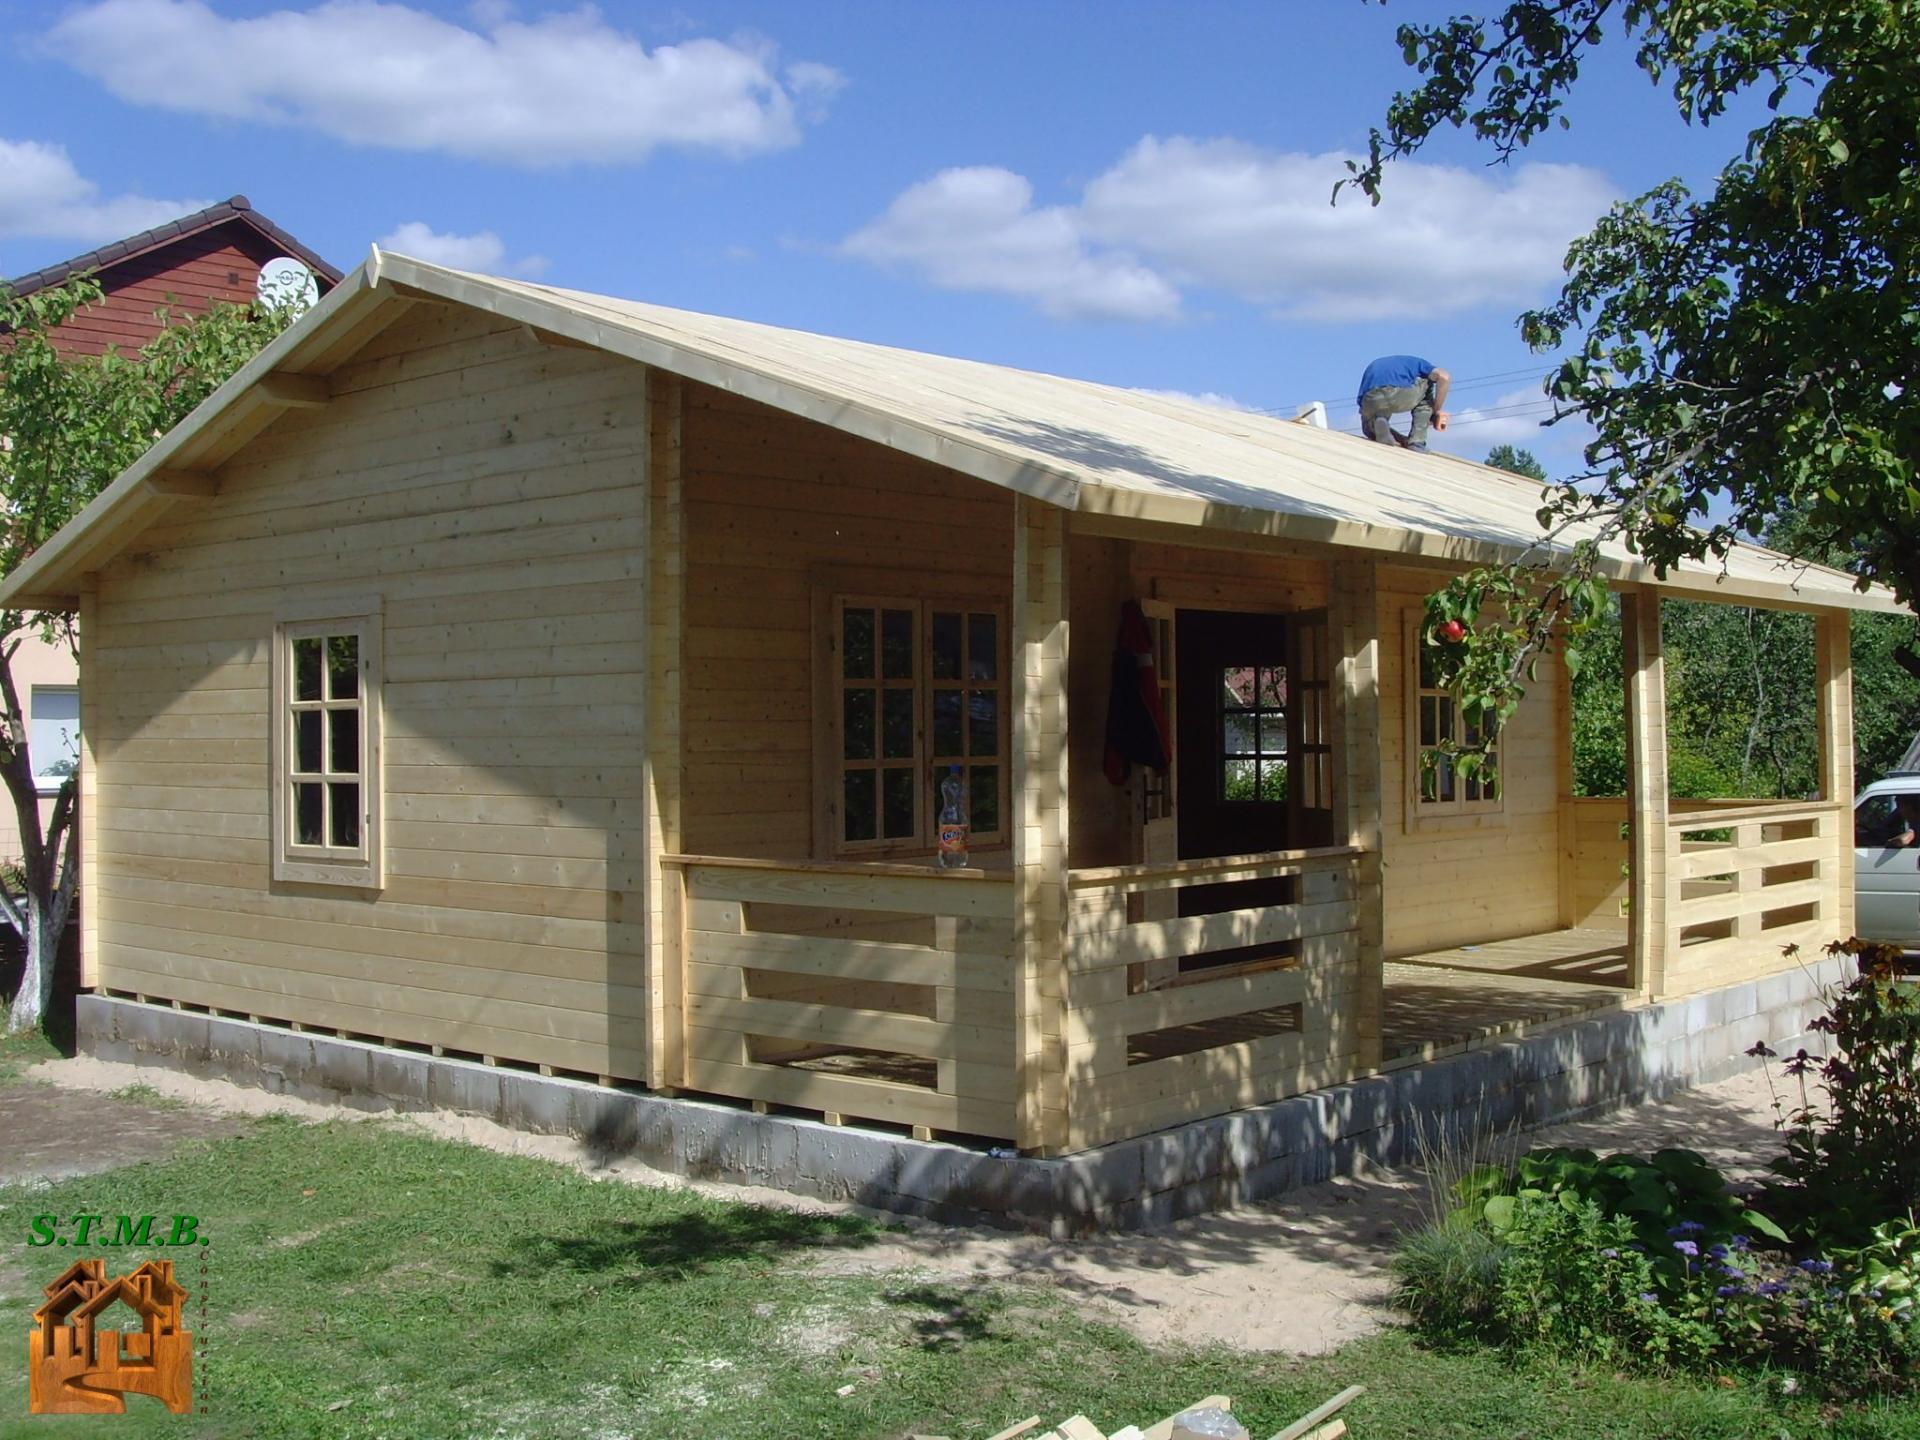 Chalet Bois En Kit Rennes 56 M2 Avec Terrasse Couverte tout Bungalow Bois En Kit